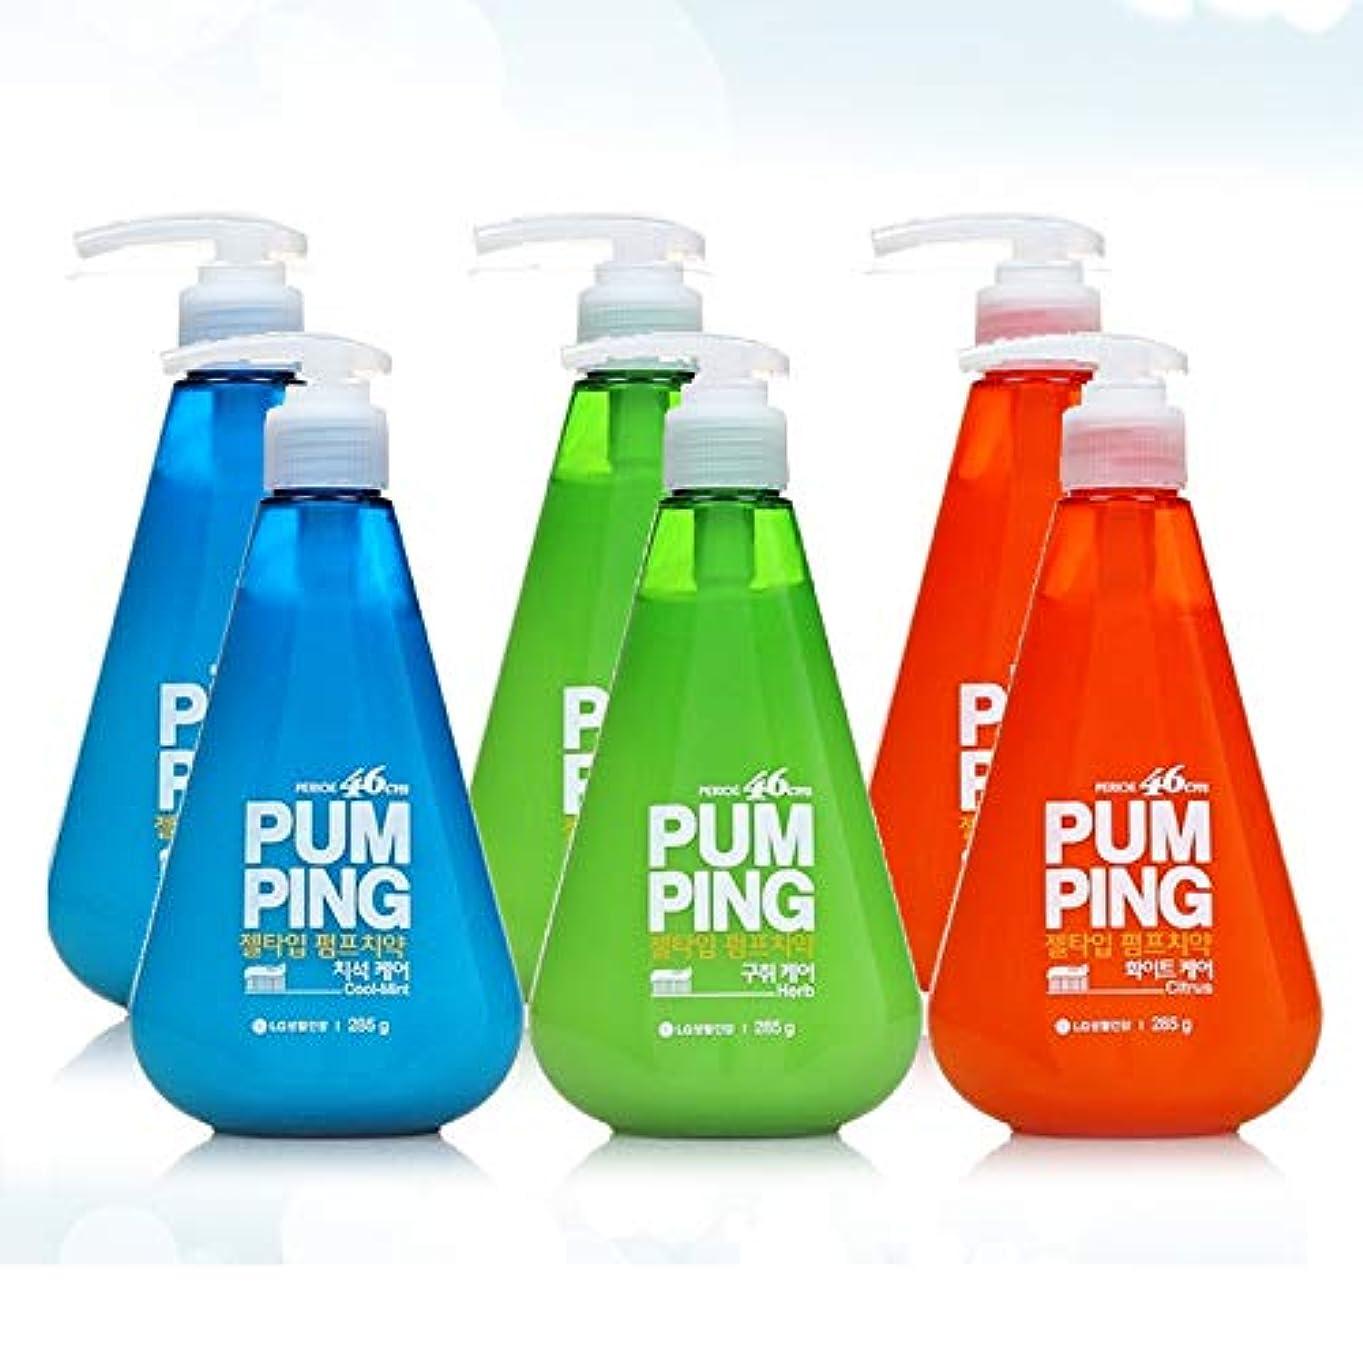 議論する注入集中[LG HnB] Perio 46cm pumped toothpaste / ペリオ46cmポンピング歯磨き粉 285gx6個(海外直送品)